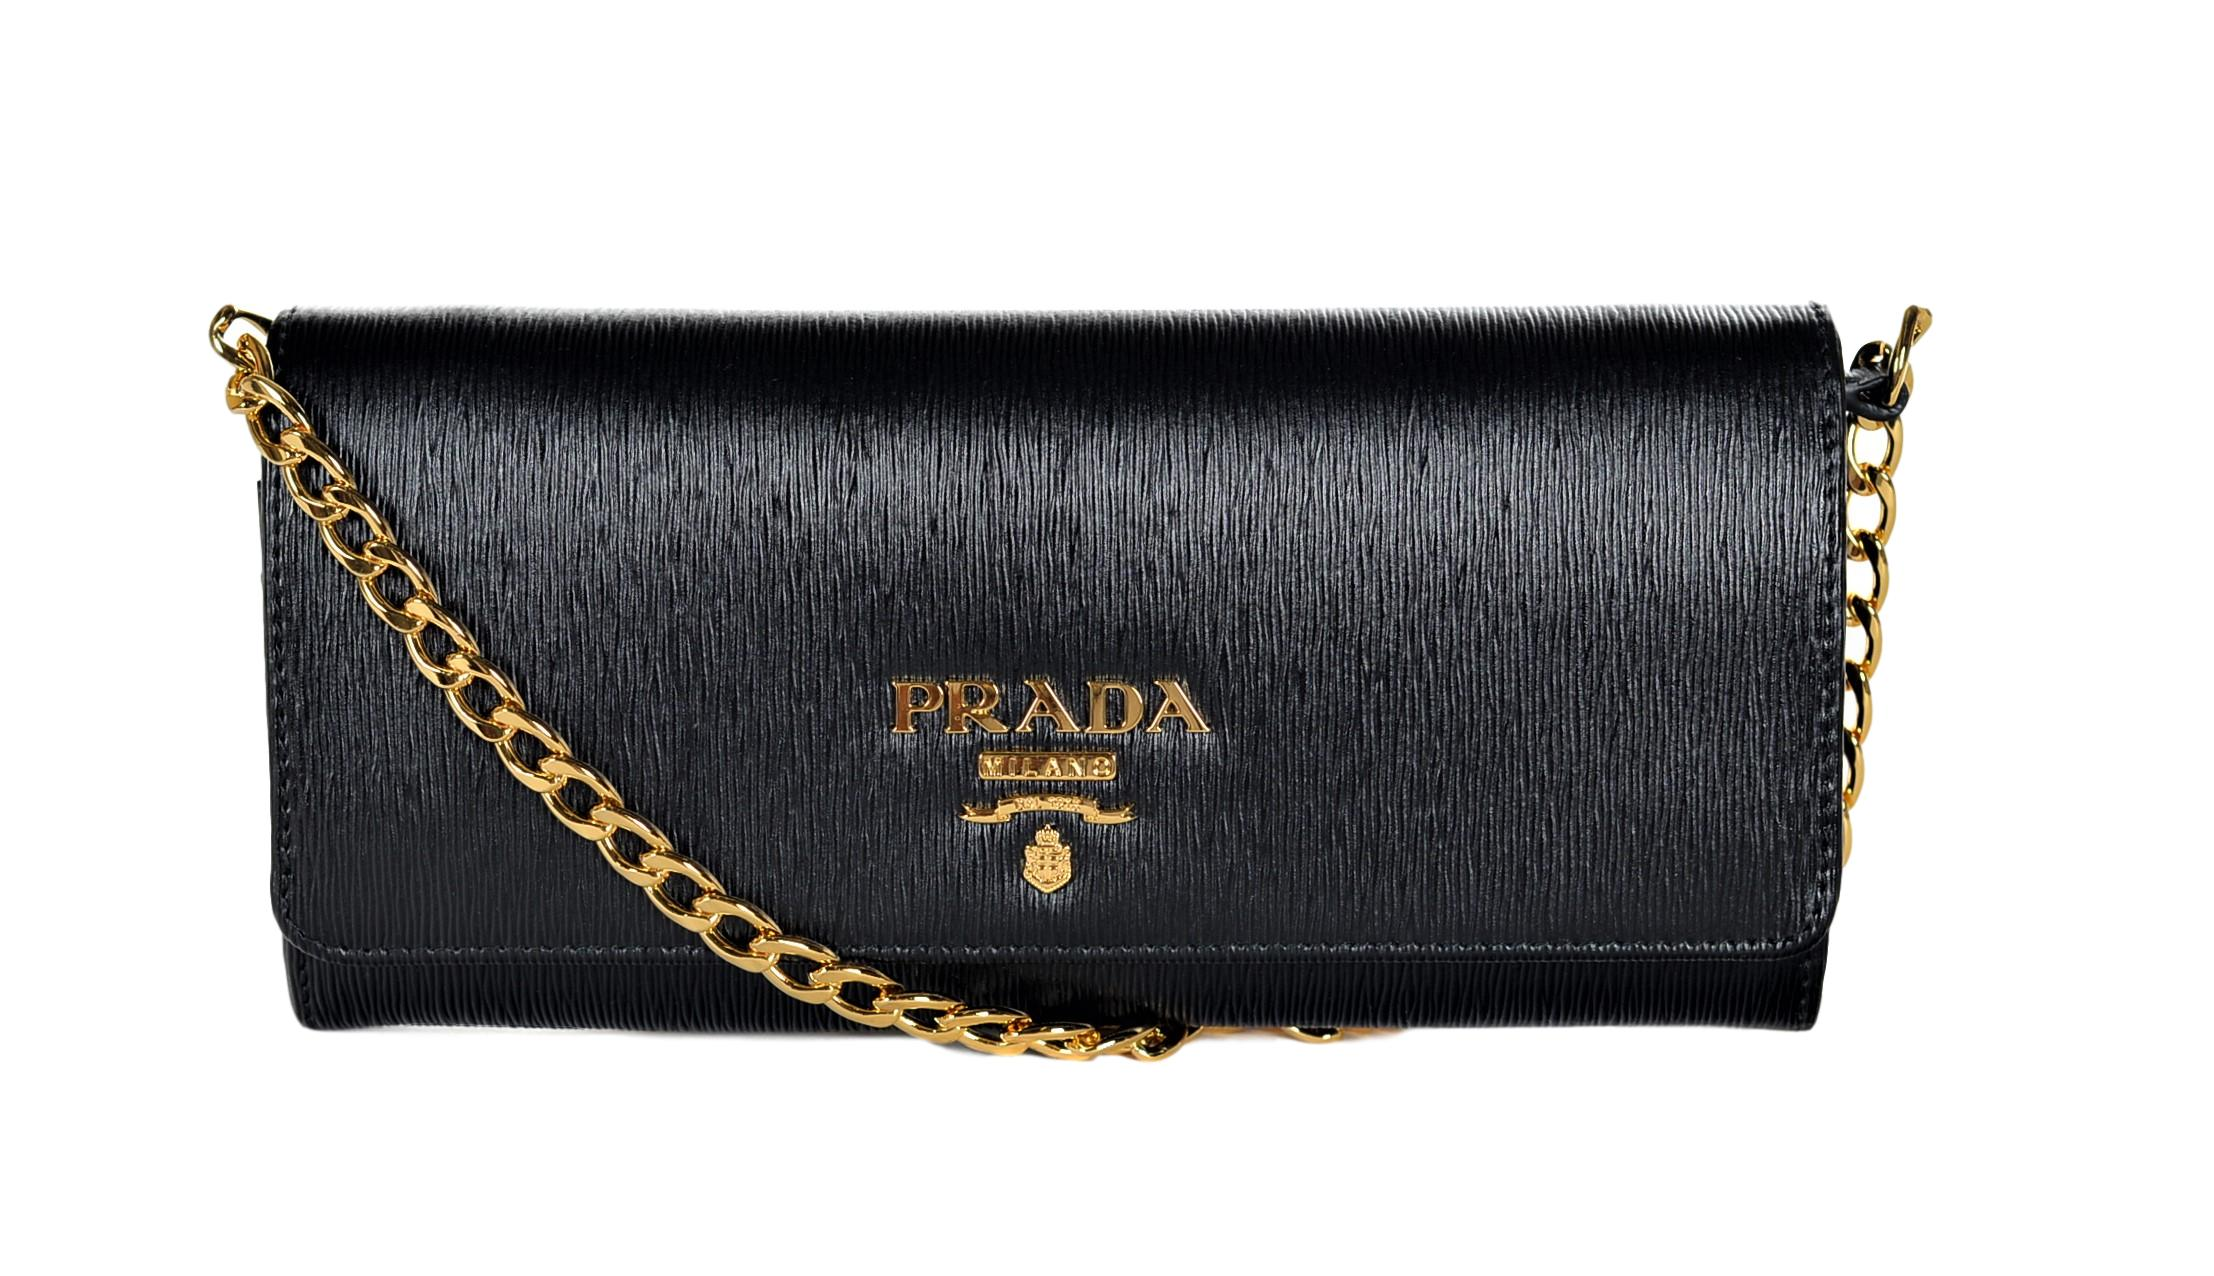 acc09434dab8 Prada Women s Vitello Move Leather Wallet-On-Chain 1BP290 Nero ...